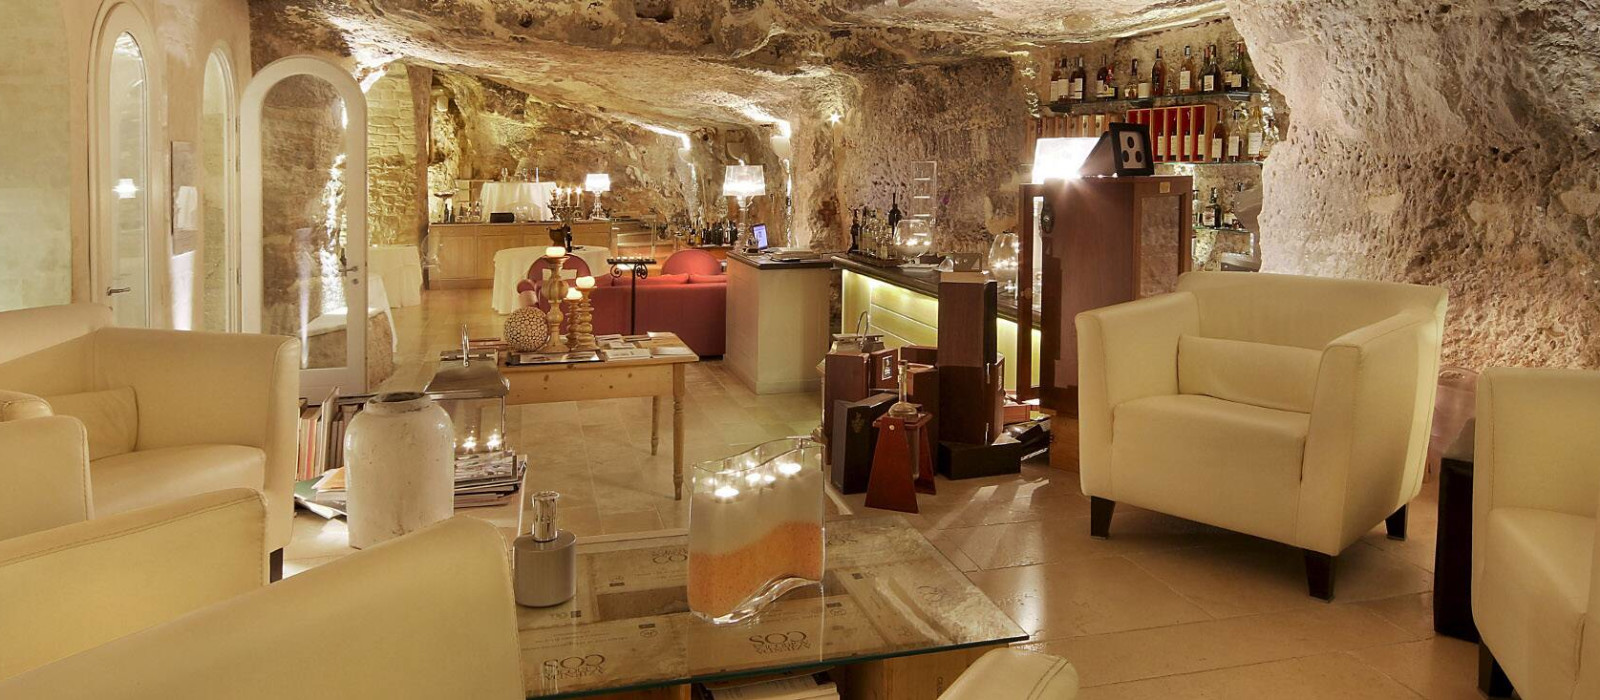 Hotel Locanda Don Serafino Italy